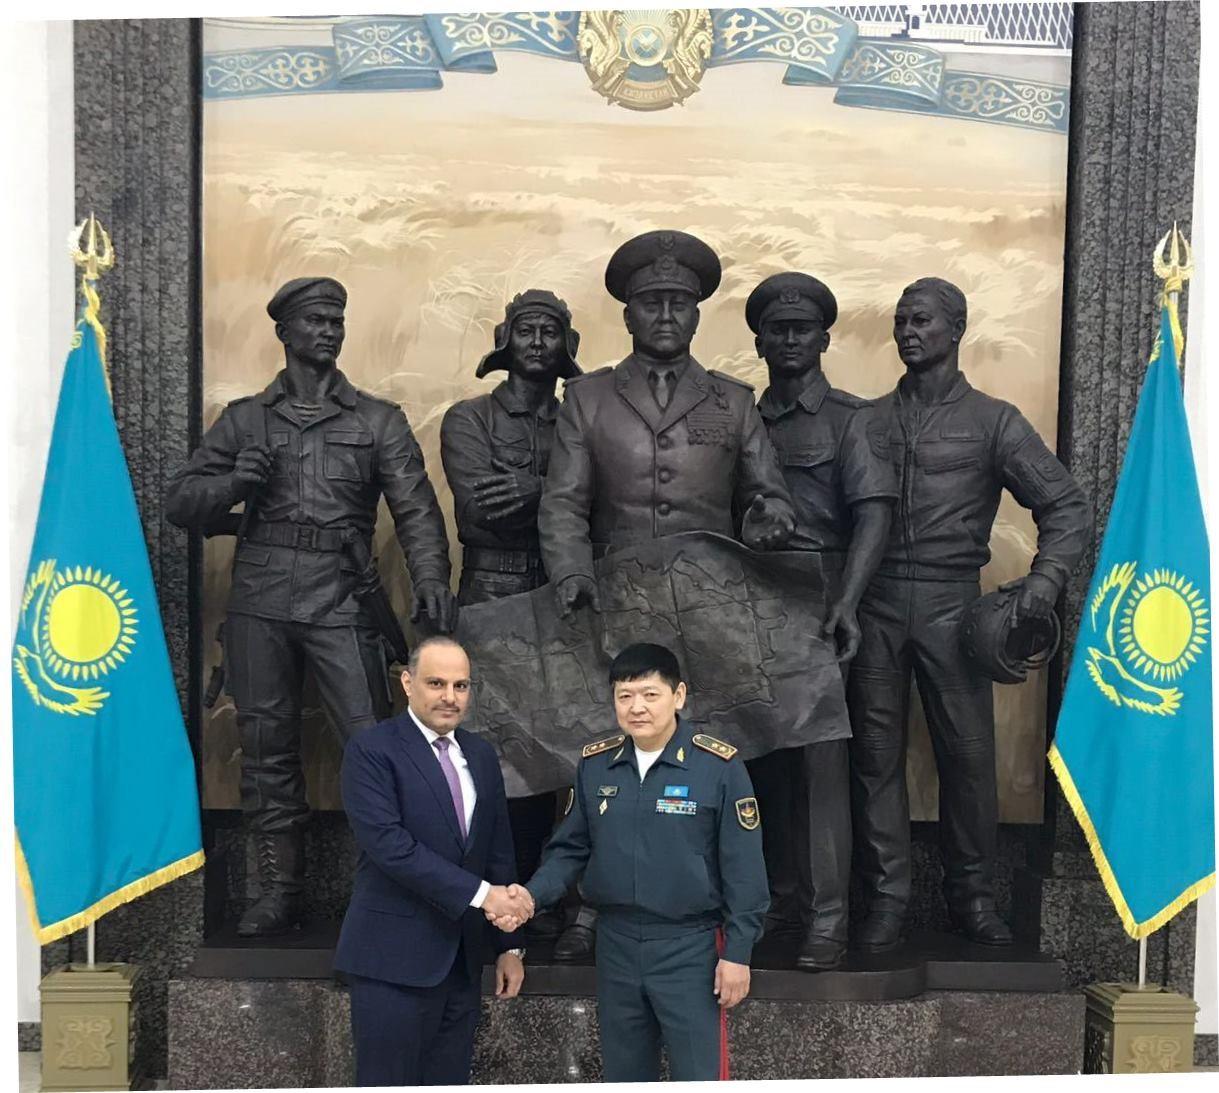 نائب وزير الدفاع الكازاخستاني يجتمع مع سفير قطر